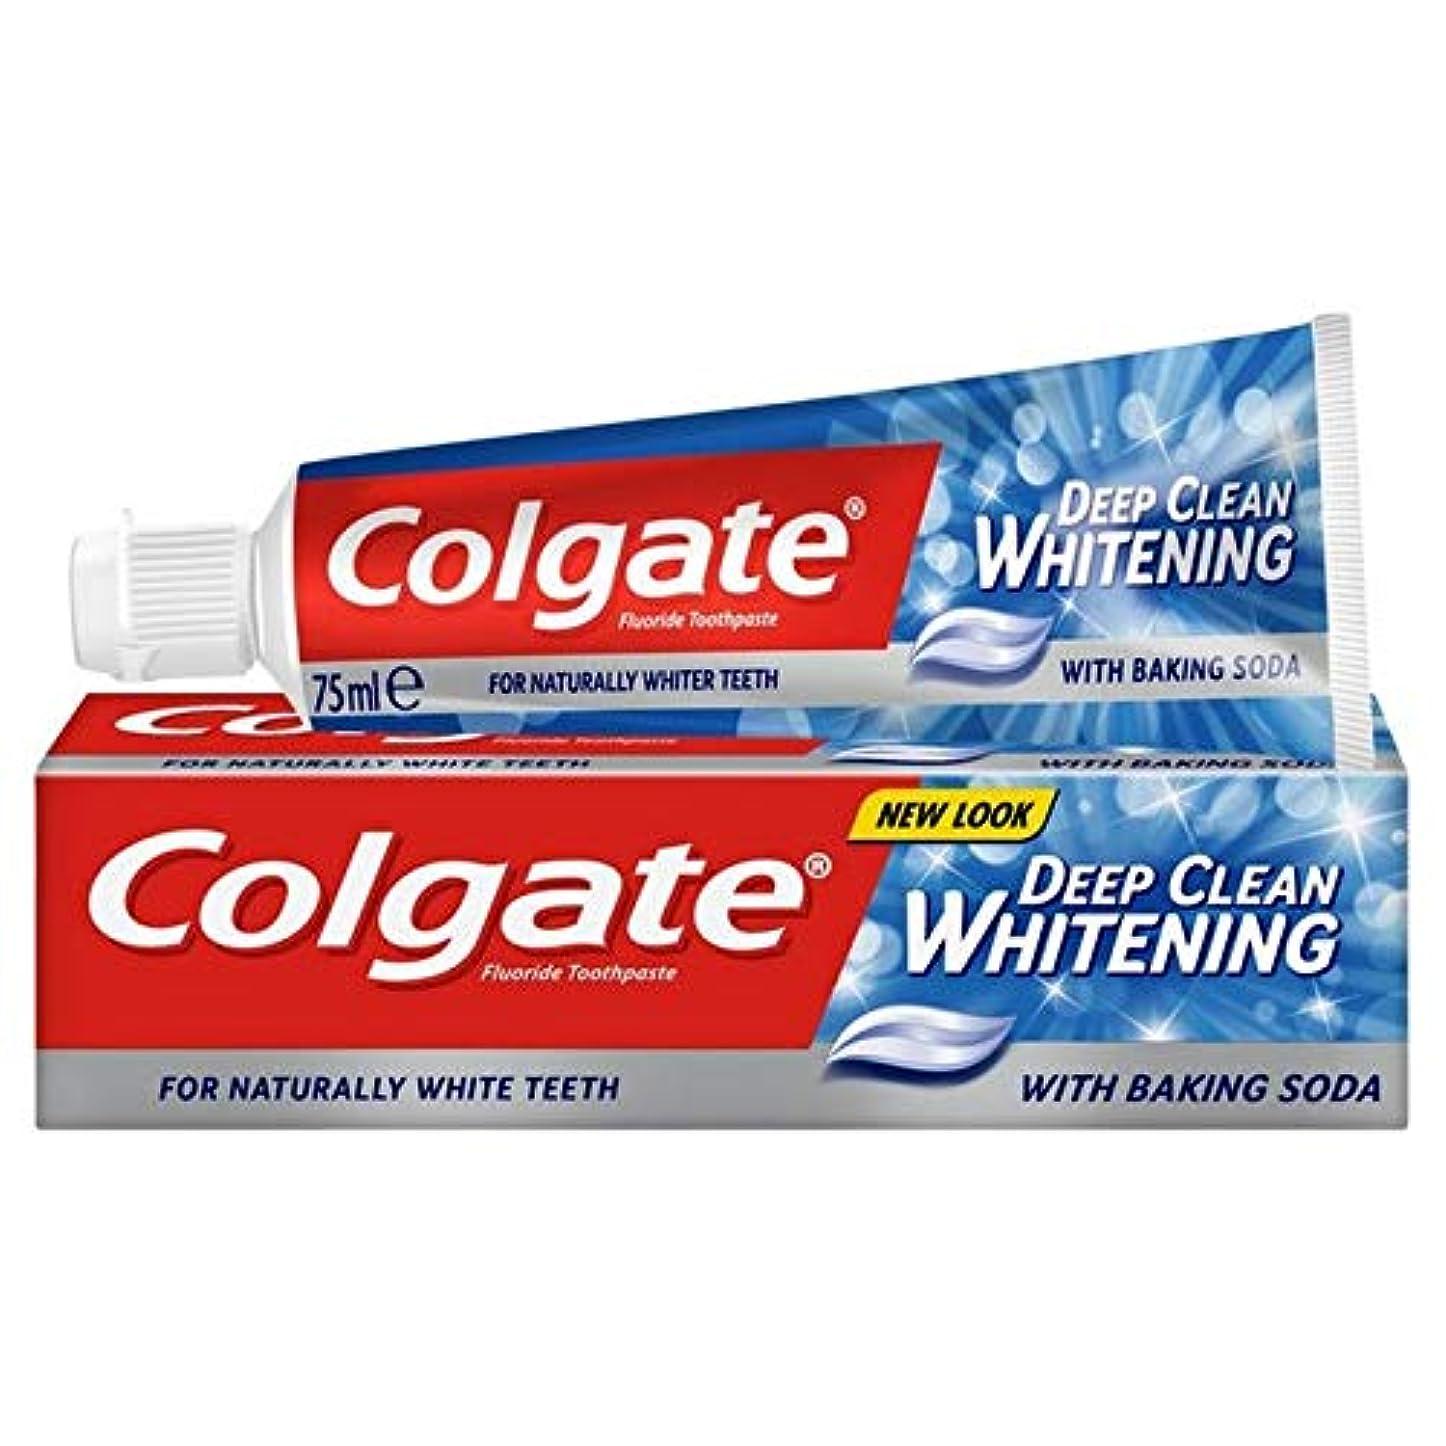 月曜日場所悲惨[Colgate ] コルゲート深いクリーンホワイトニング歯磨き粉75ミリリットル - Colgate Deep Clean Whitening Toothpaste 75ml [並行輸入品]